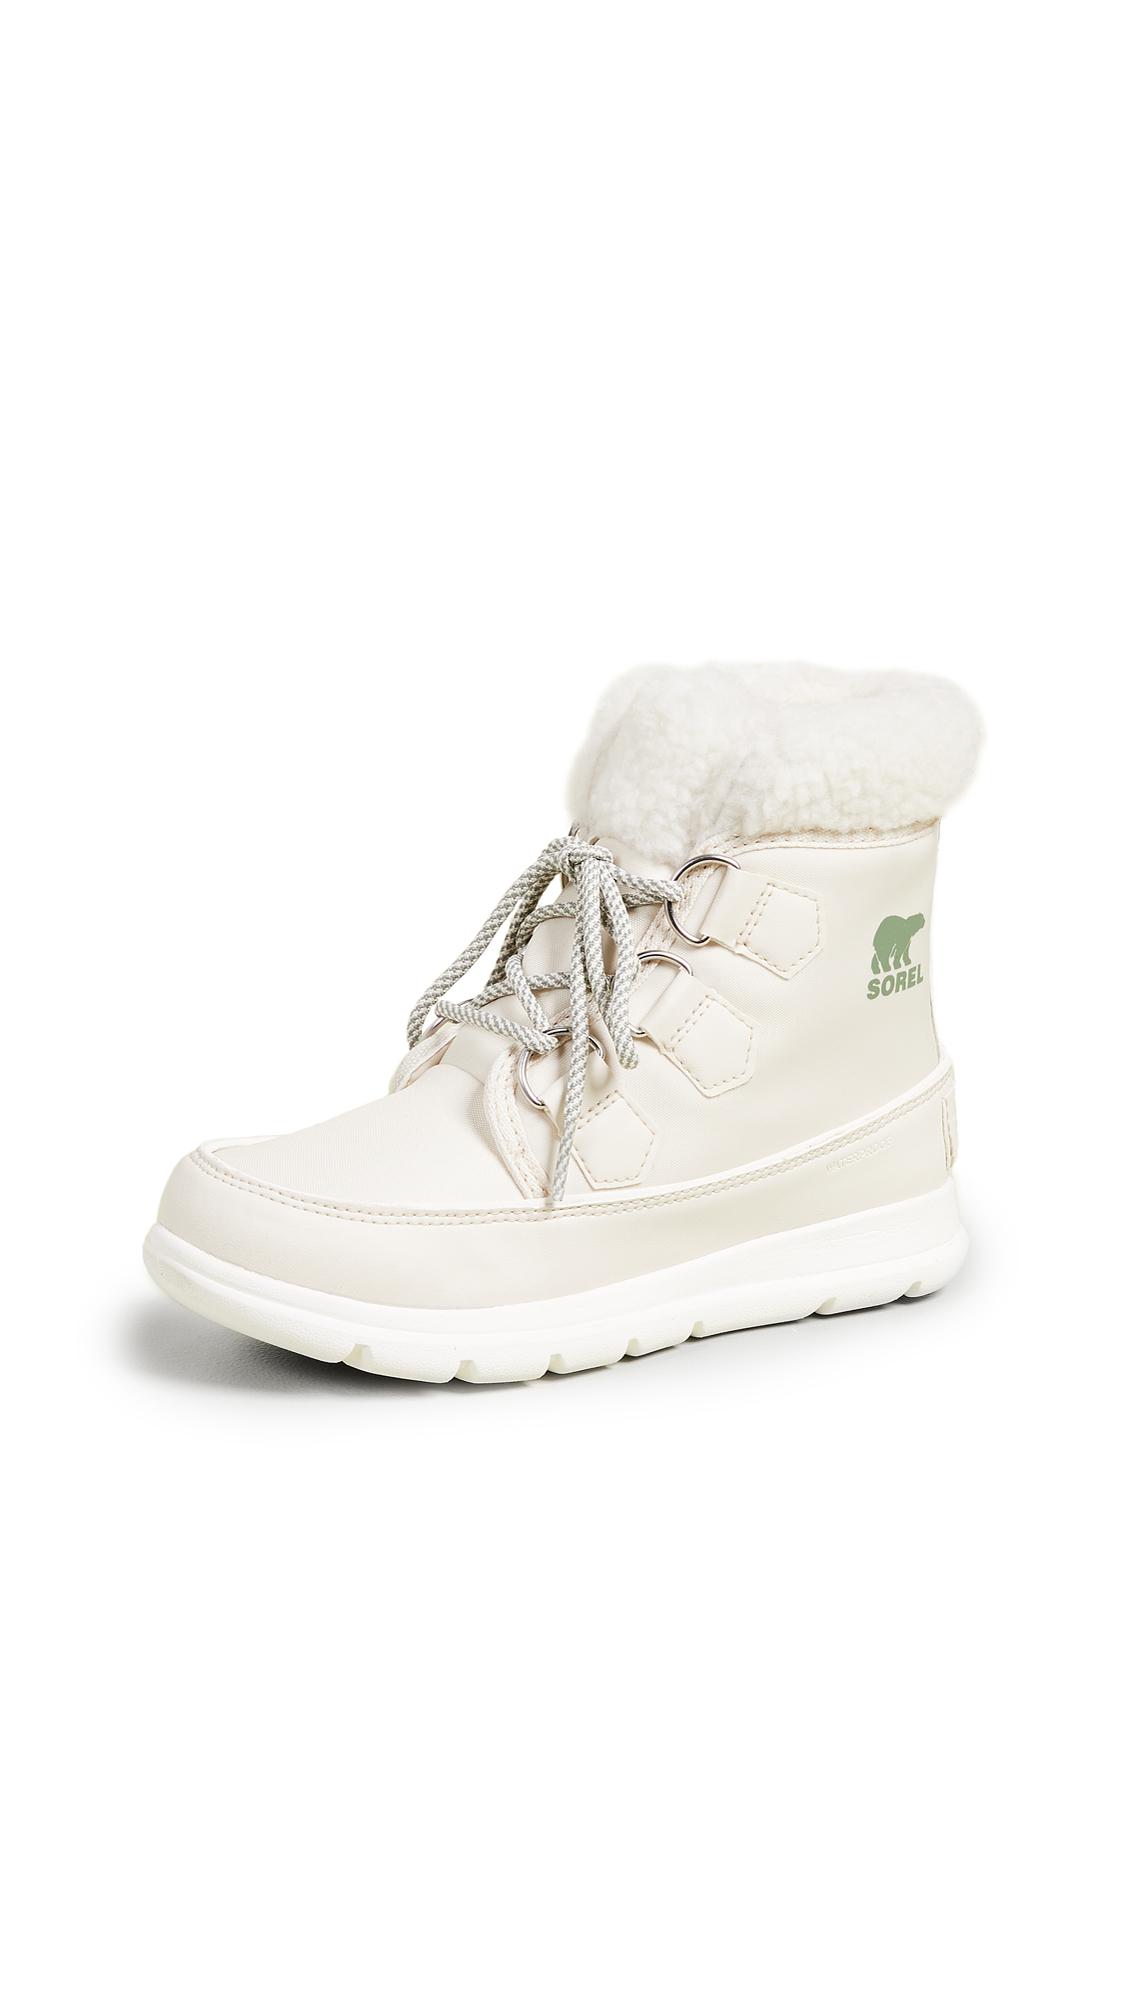 Sorel Sorel Explorer Carnival Boots - Fawn/Sea Salt